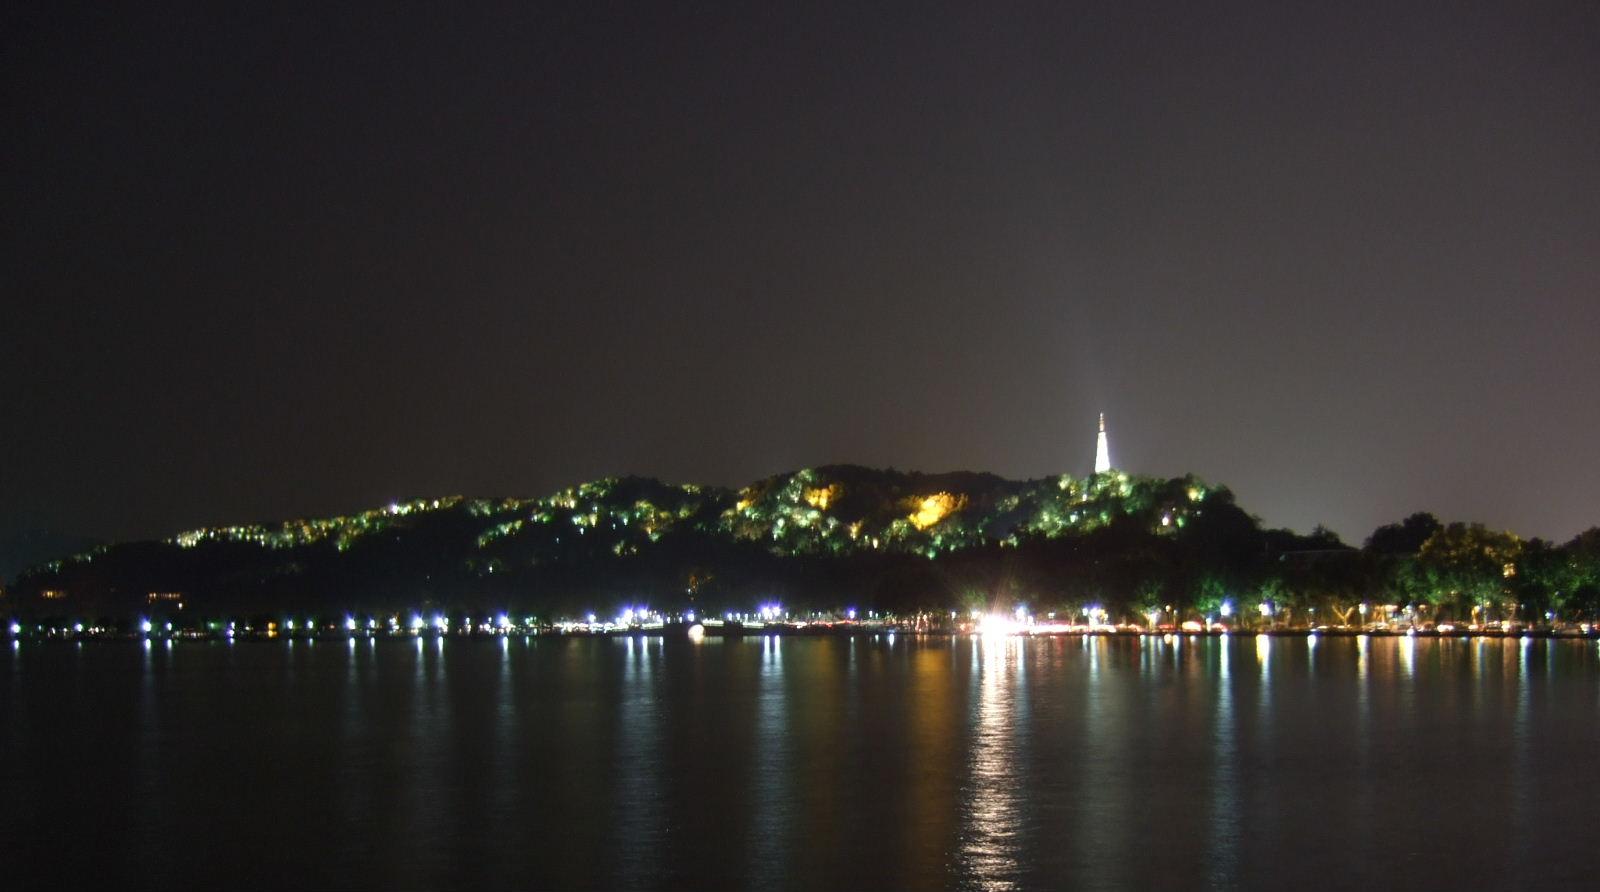 湖畔居夜景